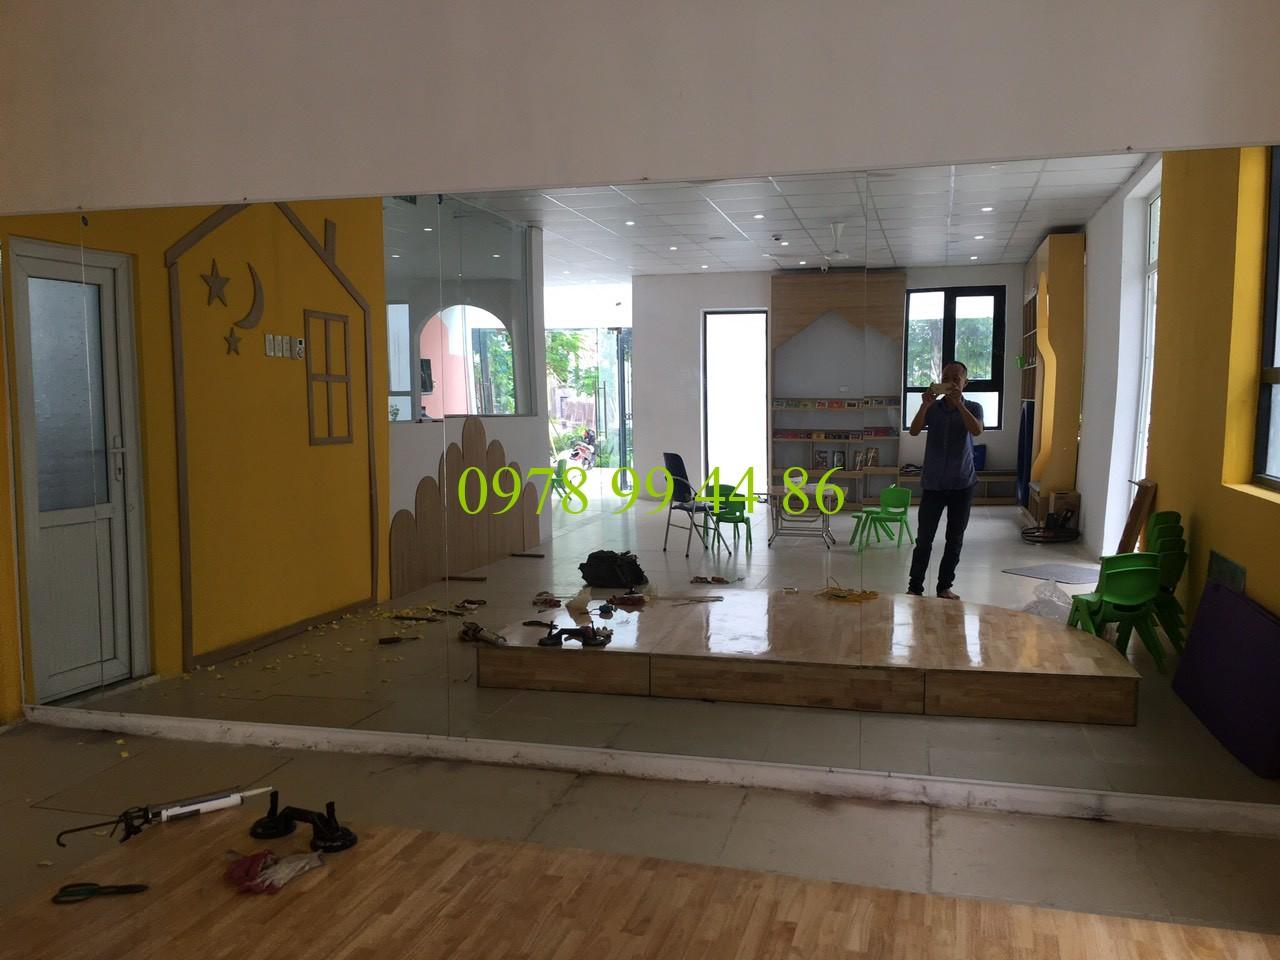 Gương phòng tập yoga 9870 Gương phòng tập yoga